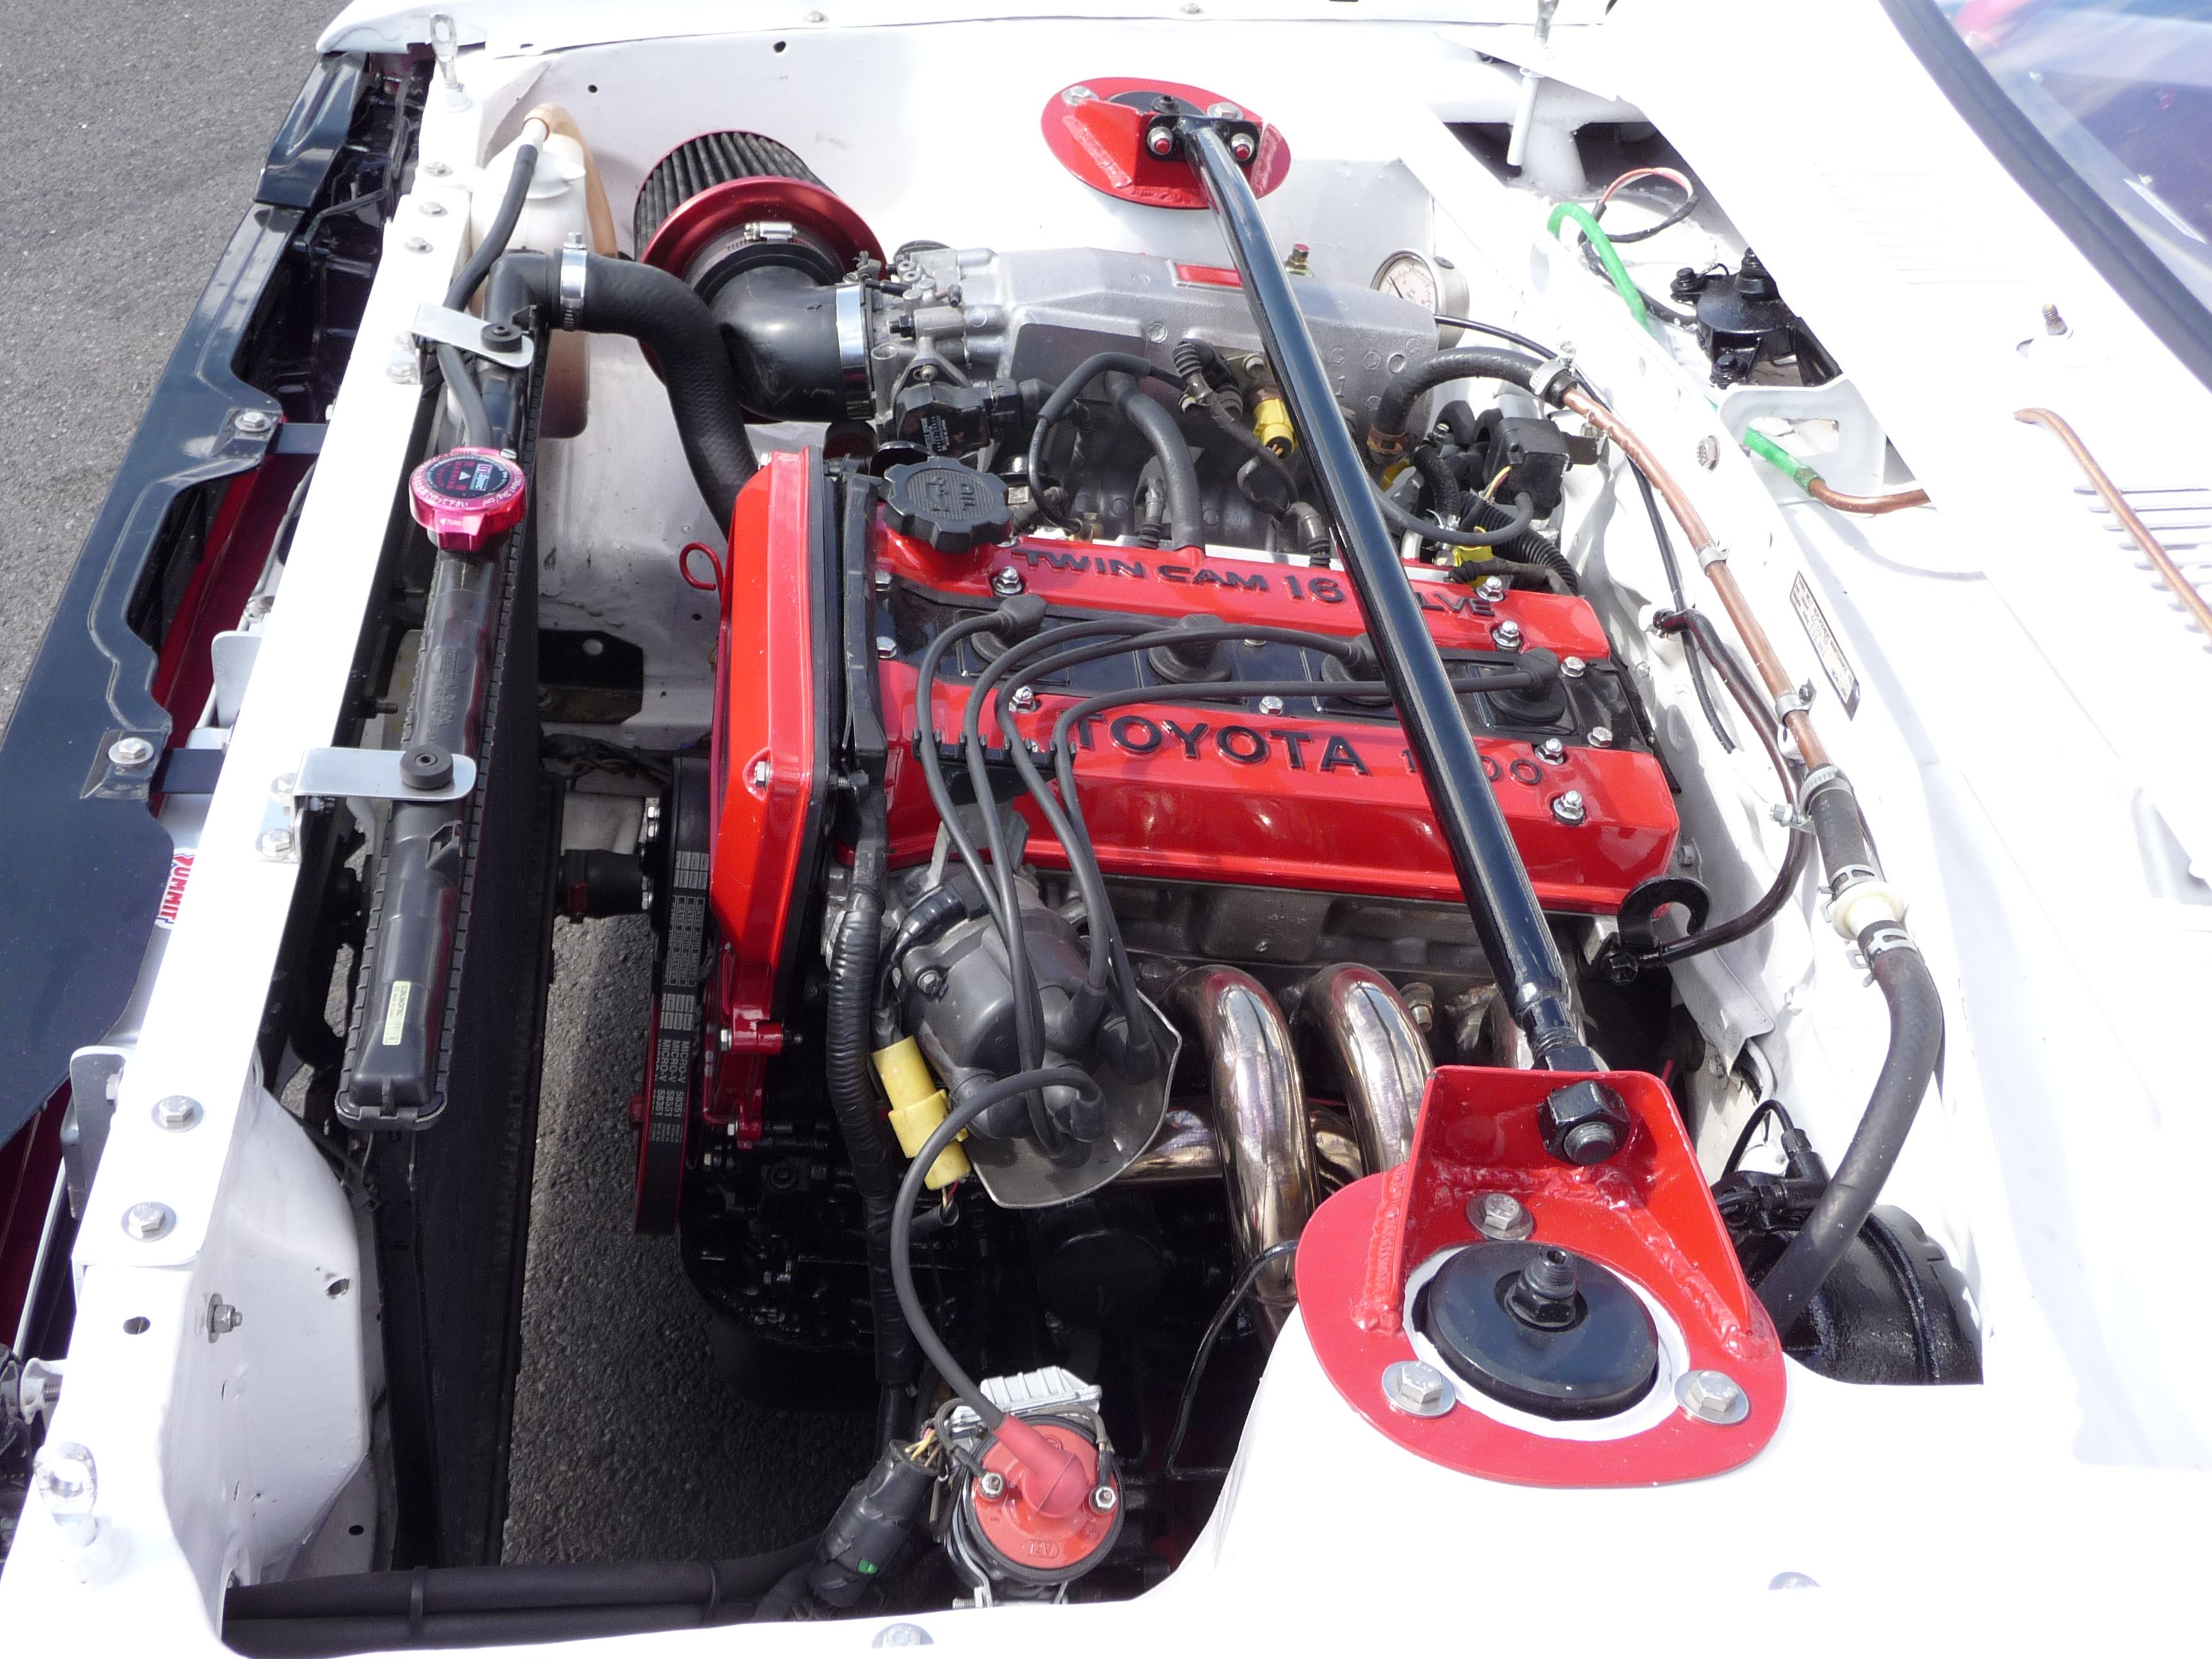 kp61 starlet 4age 16v | Favorite Engines | Toyota starlet, Cars